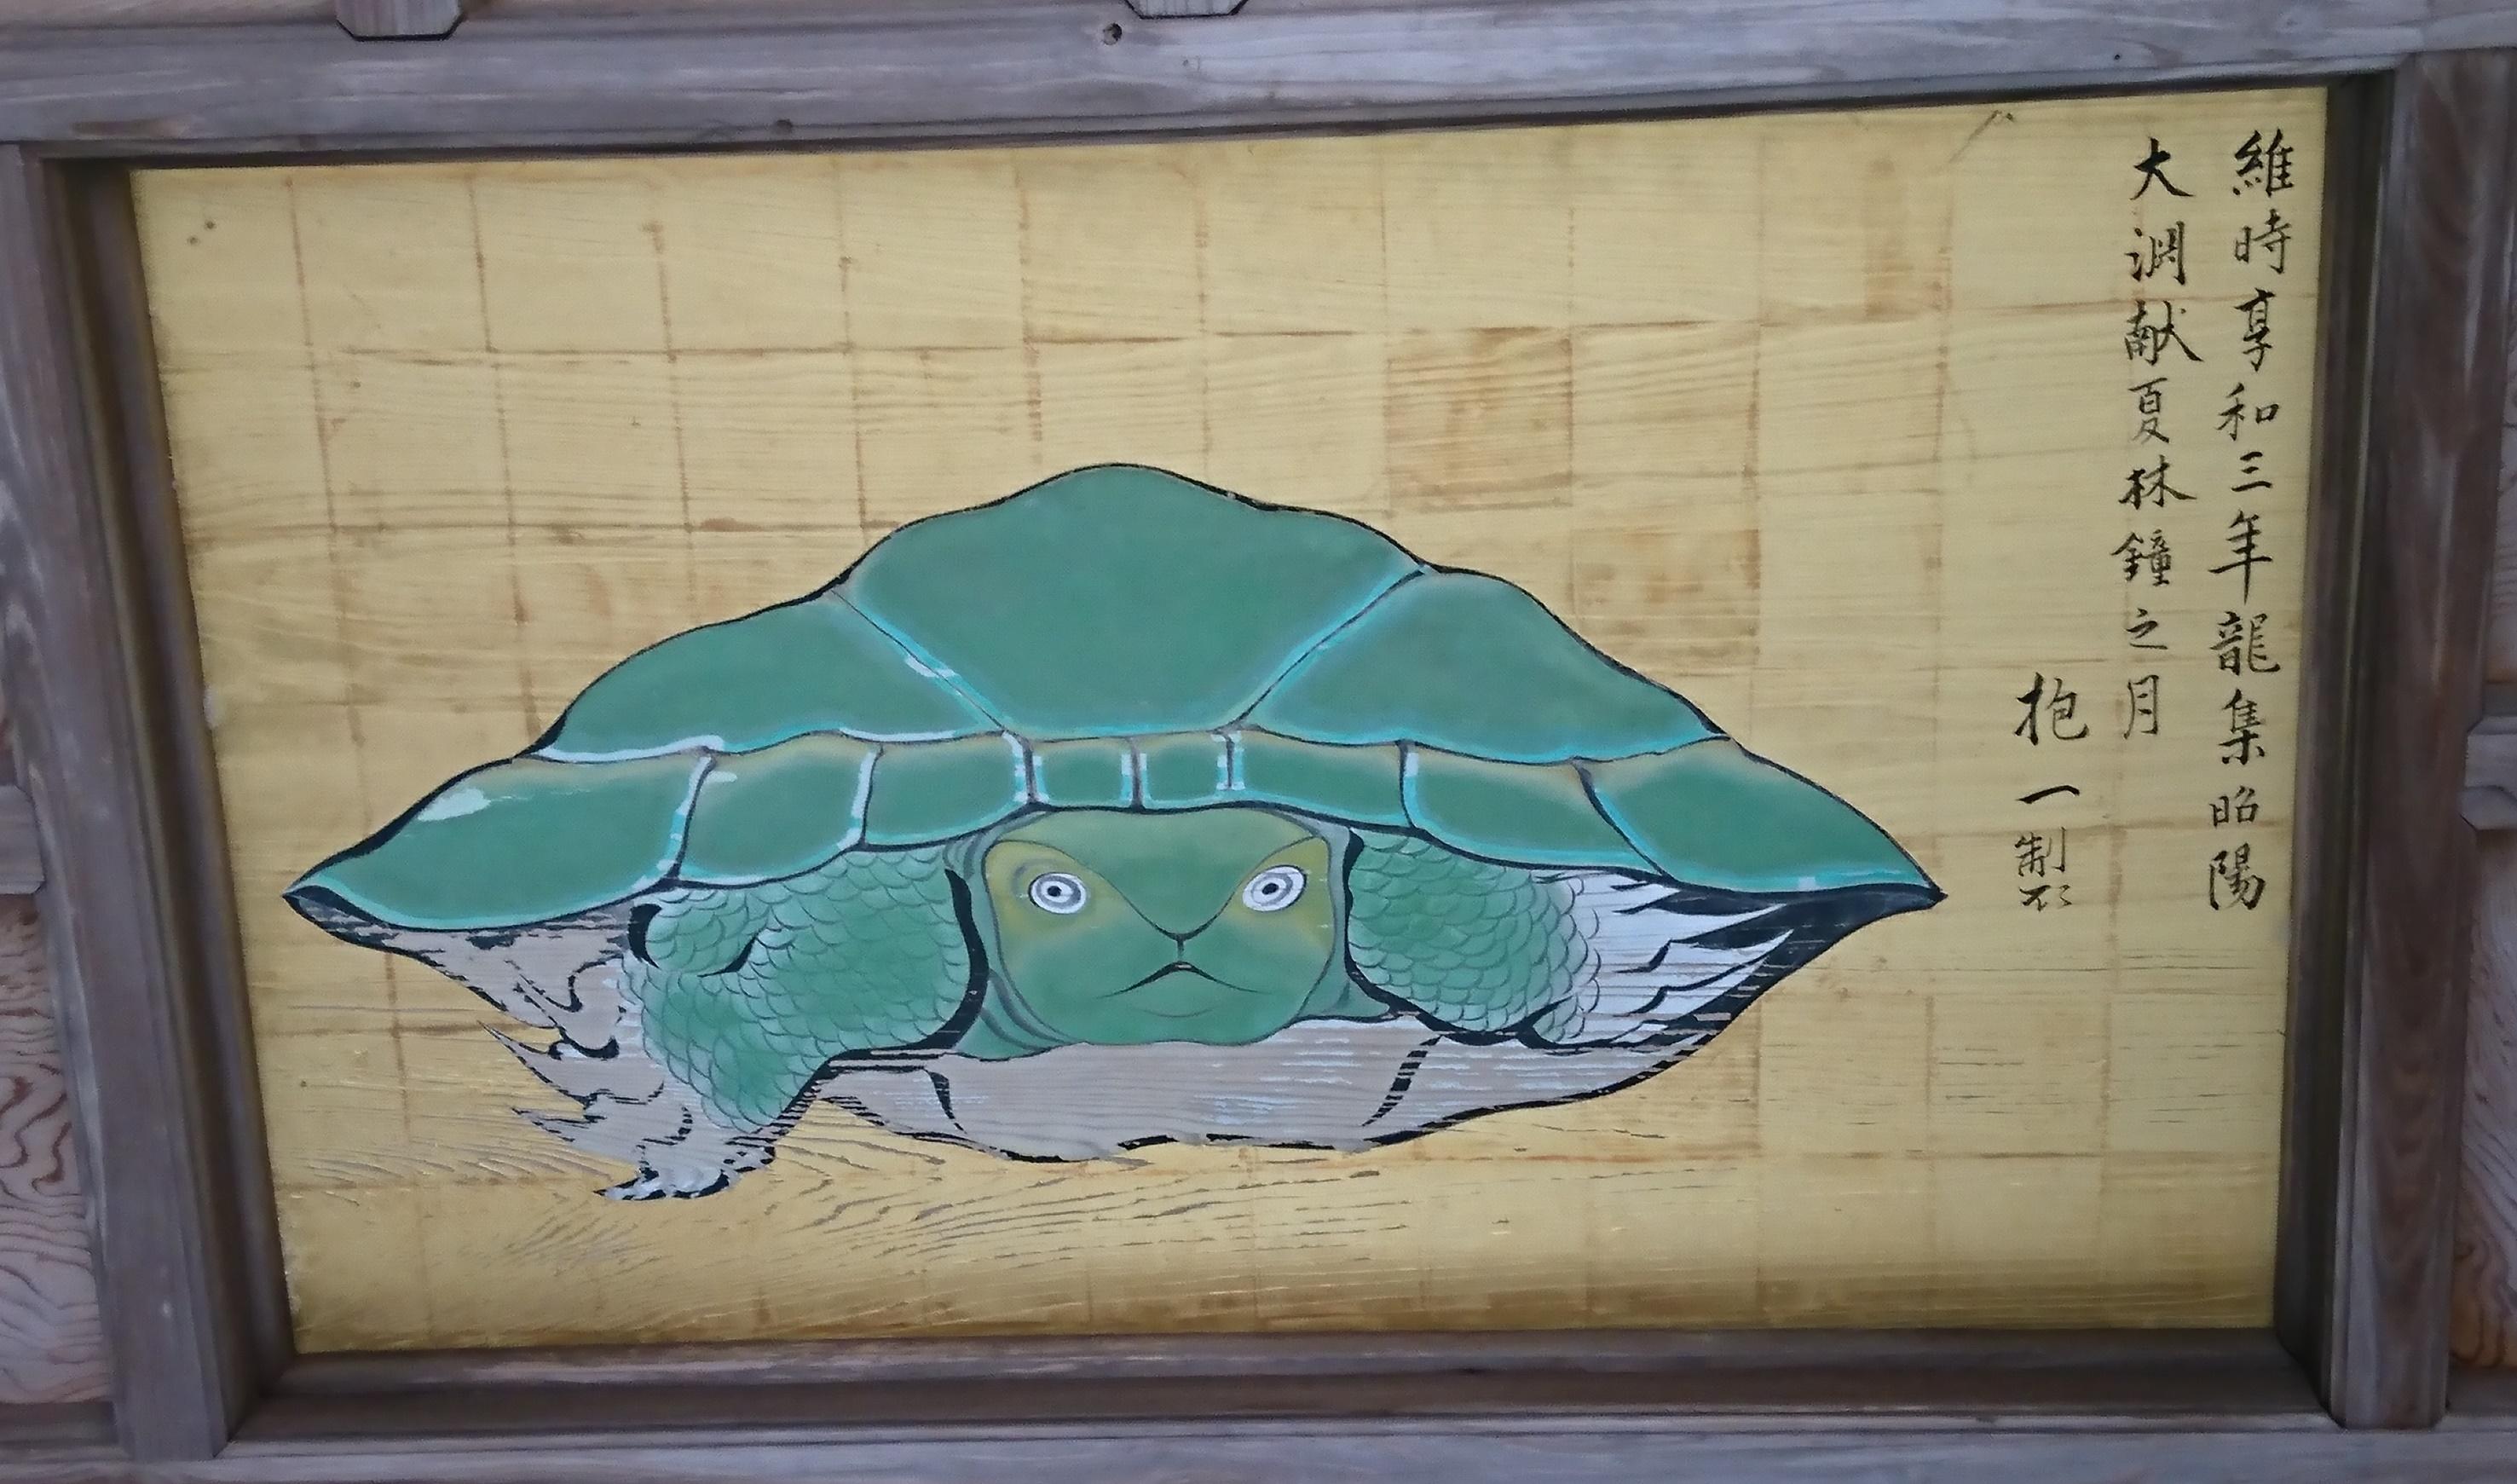 江ノ島神社の奥津宮の八方にらみの亀